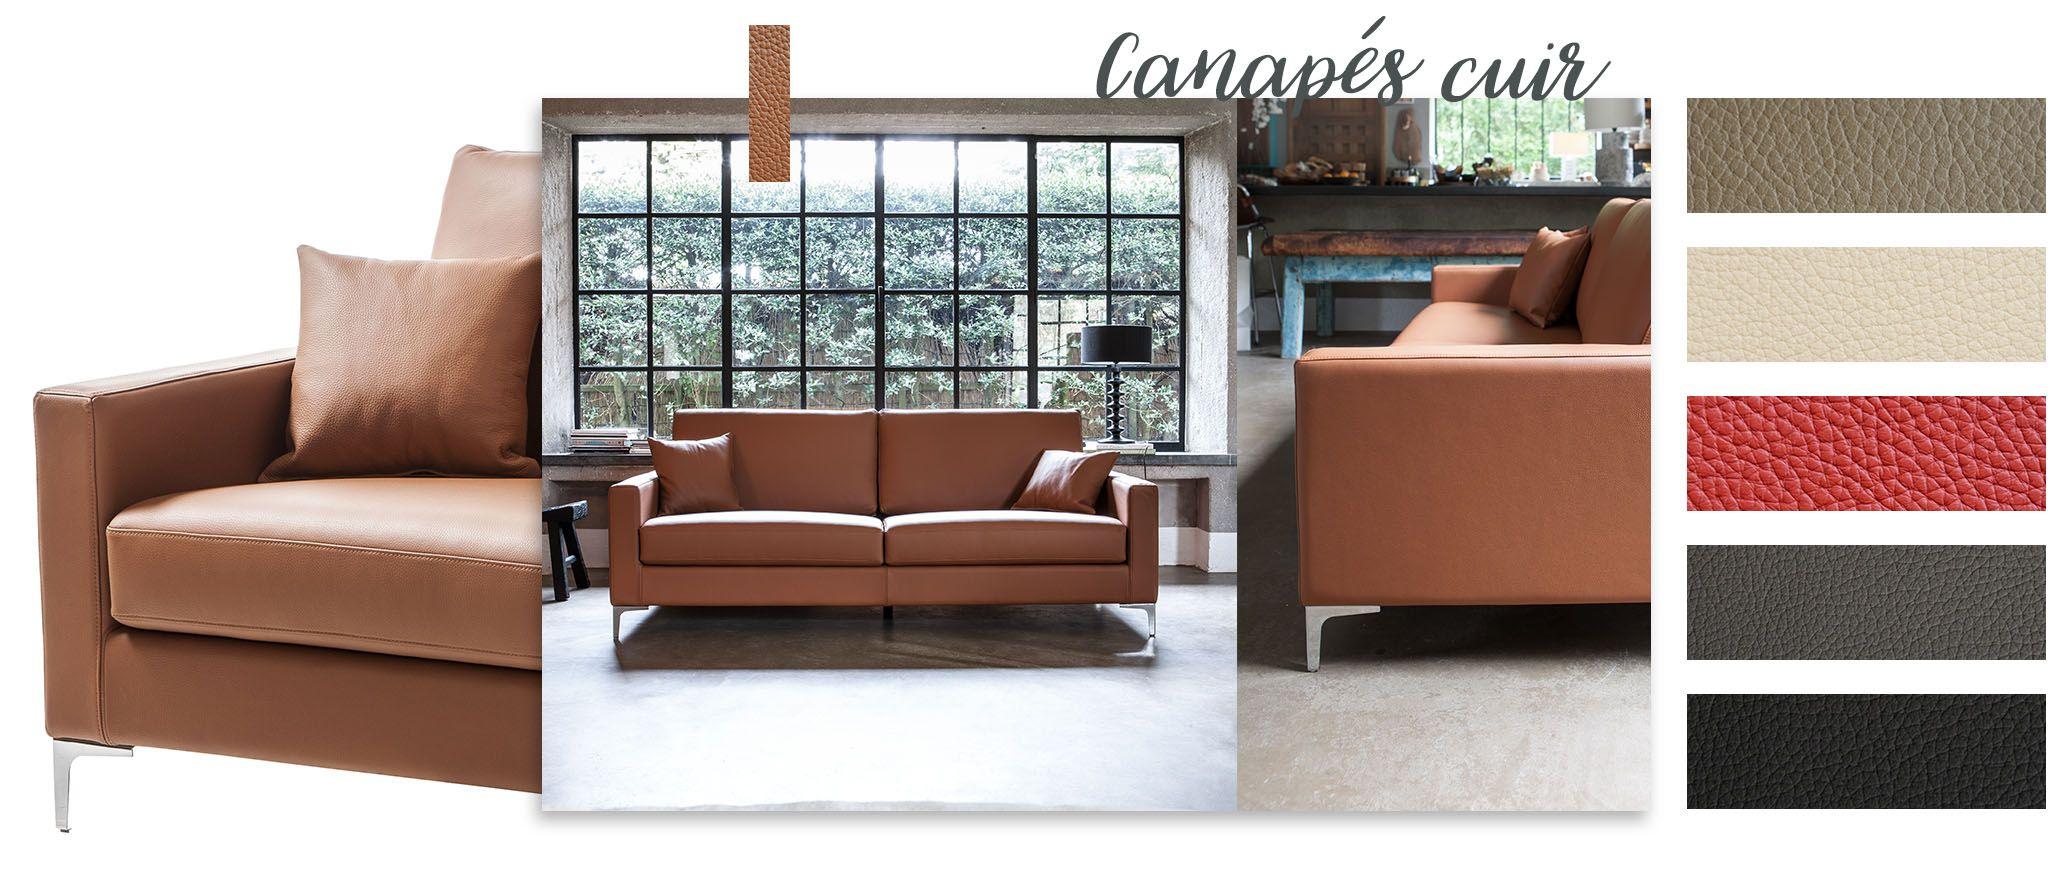 Choisir Un Canapé Densité comment bien choisir son canapé ?